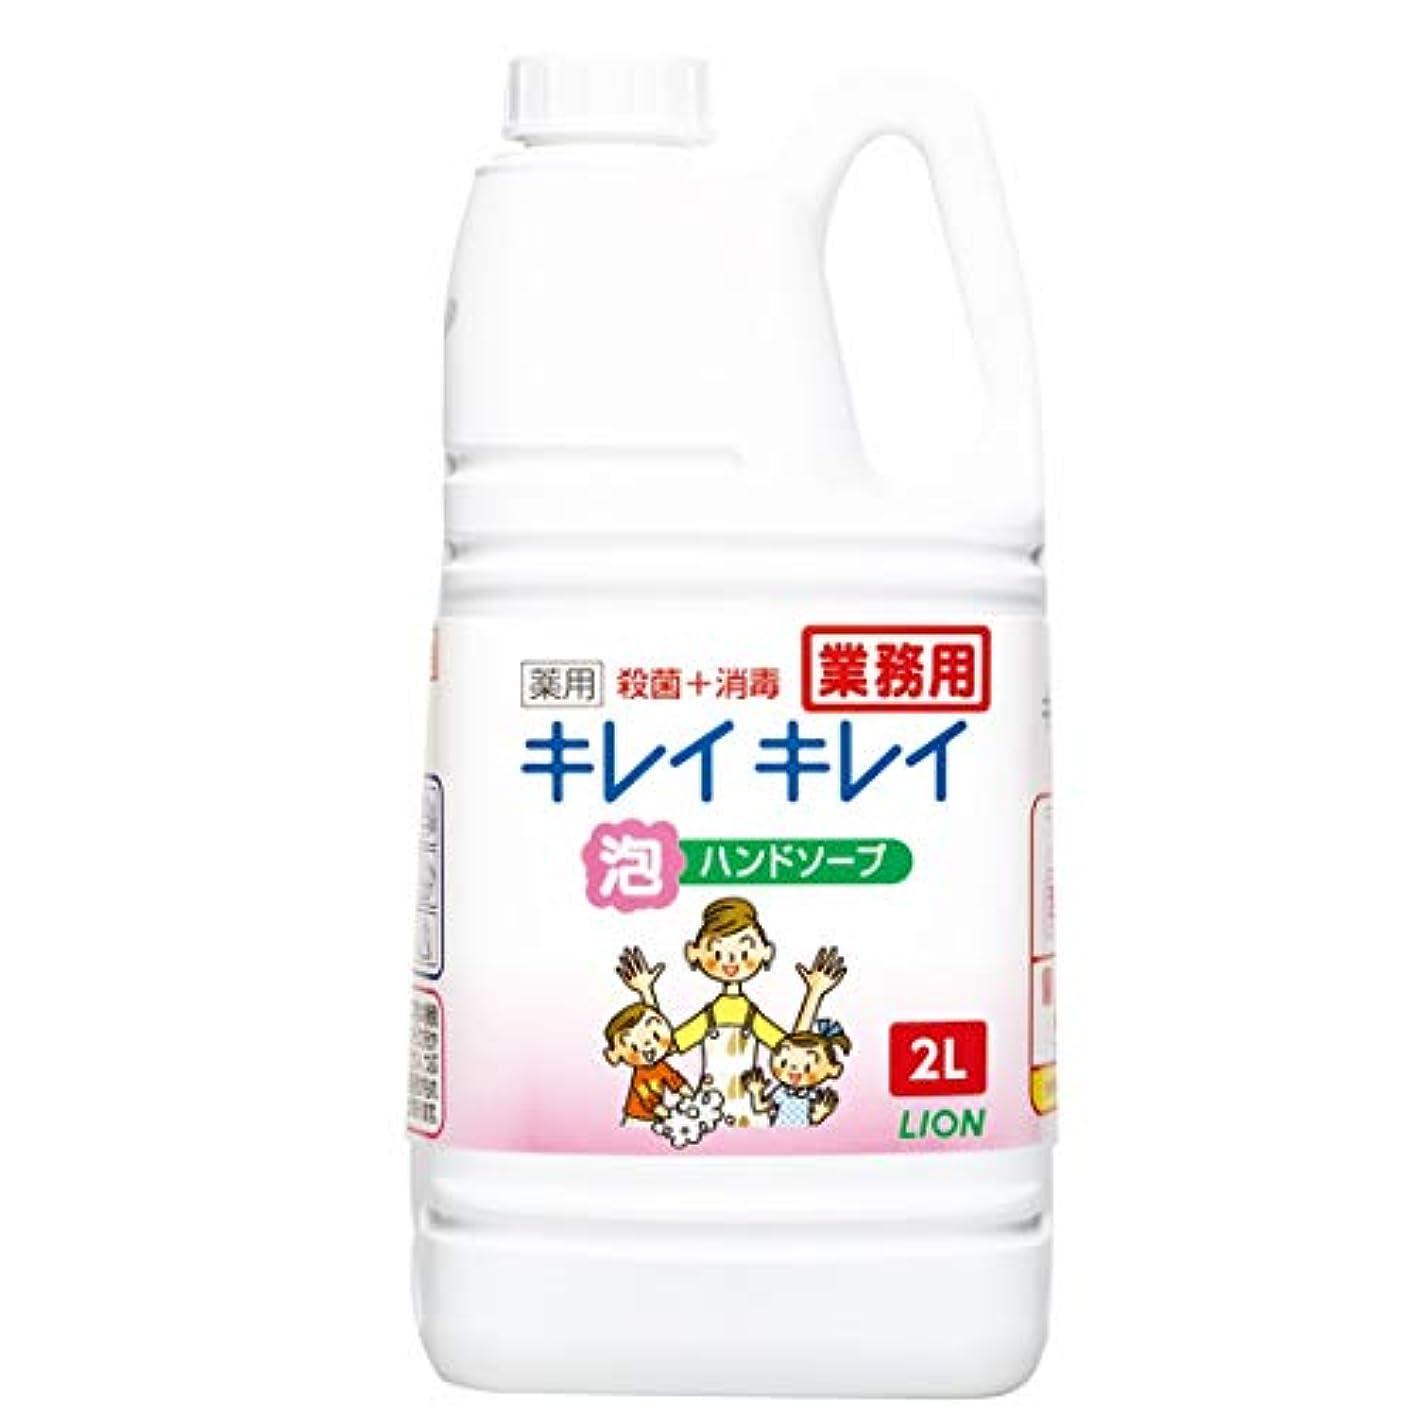 同化お世話になった面倒【業務用 大容量】キレイキレイ 薬用 泡ハンドソープ シトラスフルーティの香り 2L(医薬部外品)